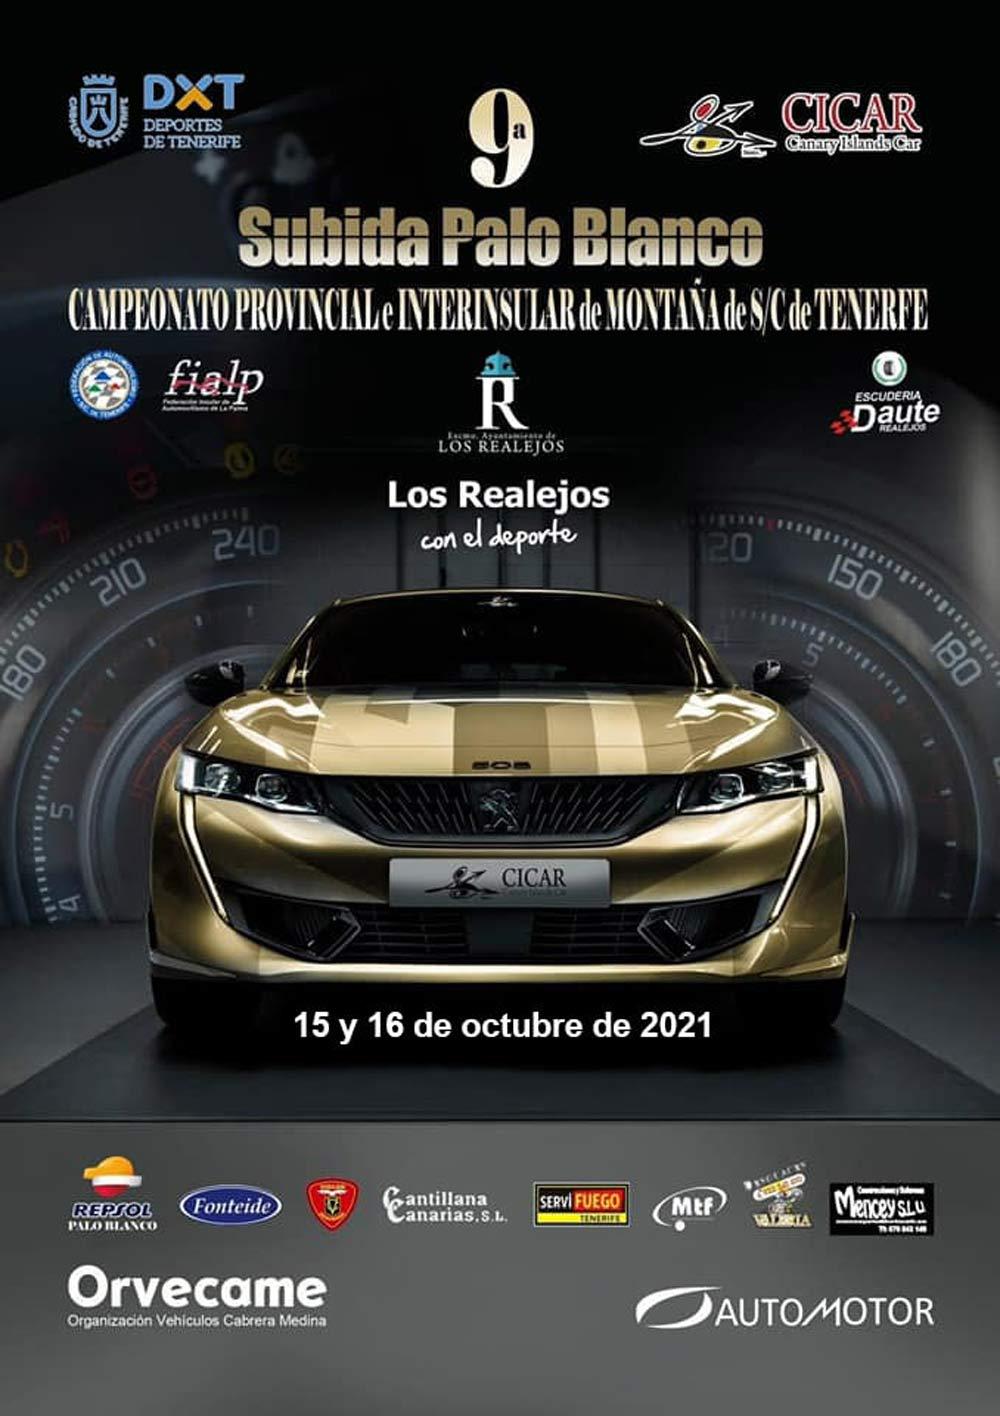 Abierto el plazo de inscripción para la 9ª Subida a Palo Blanco